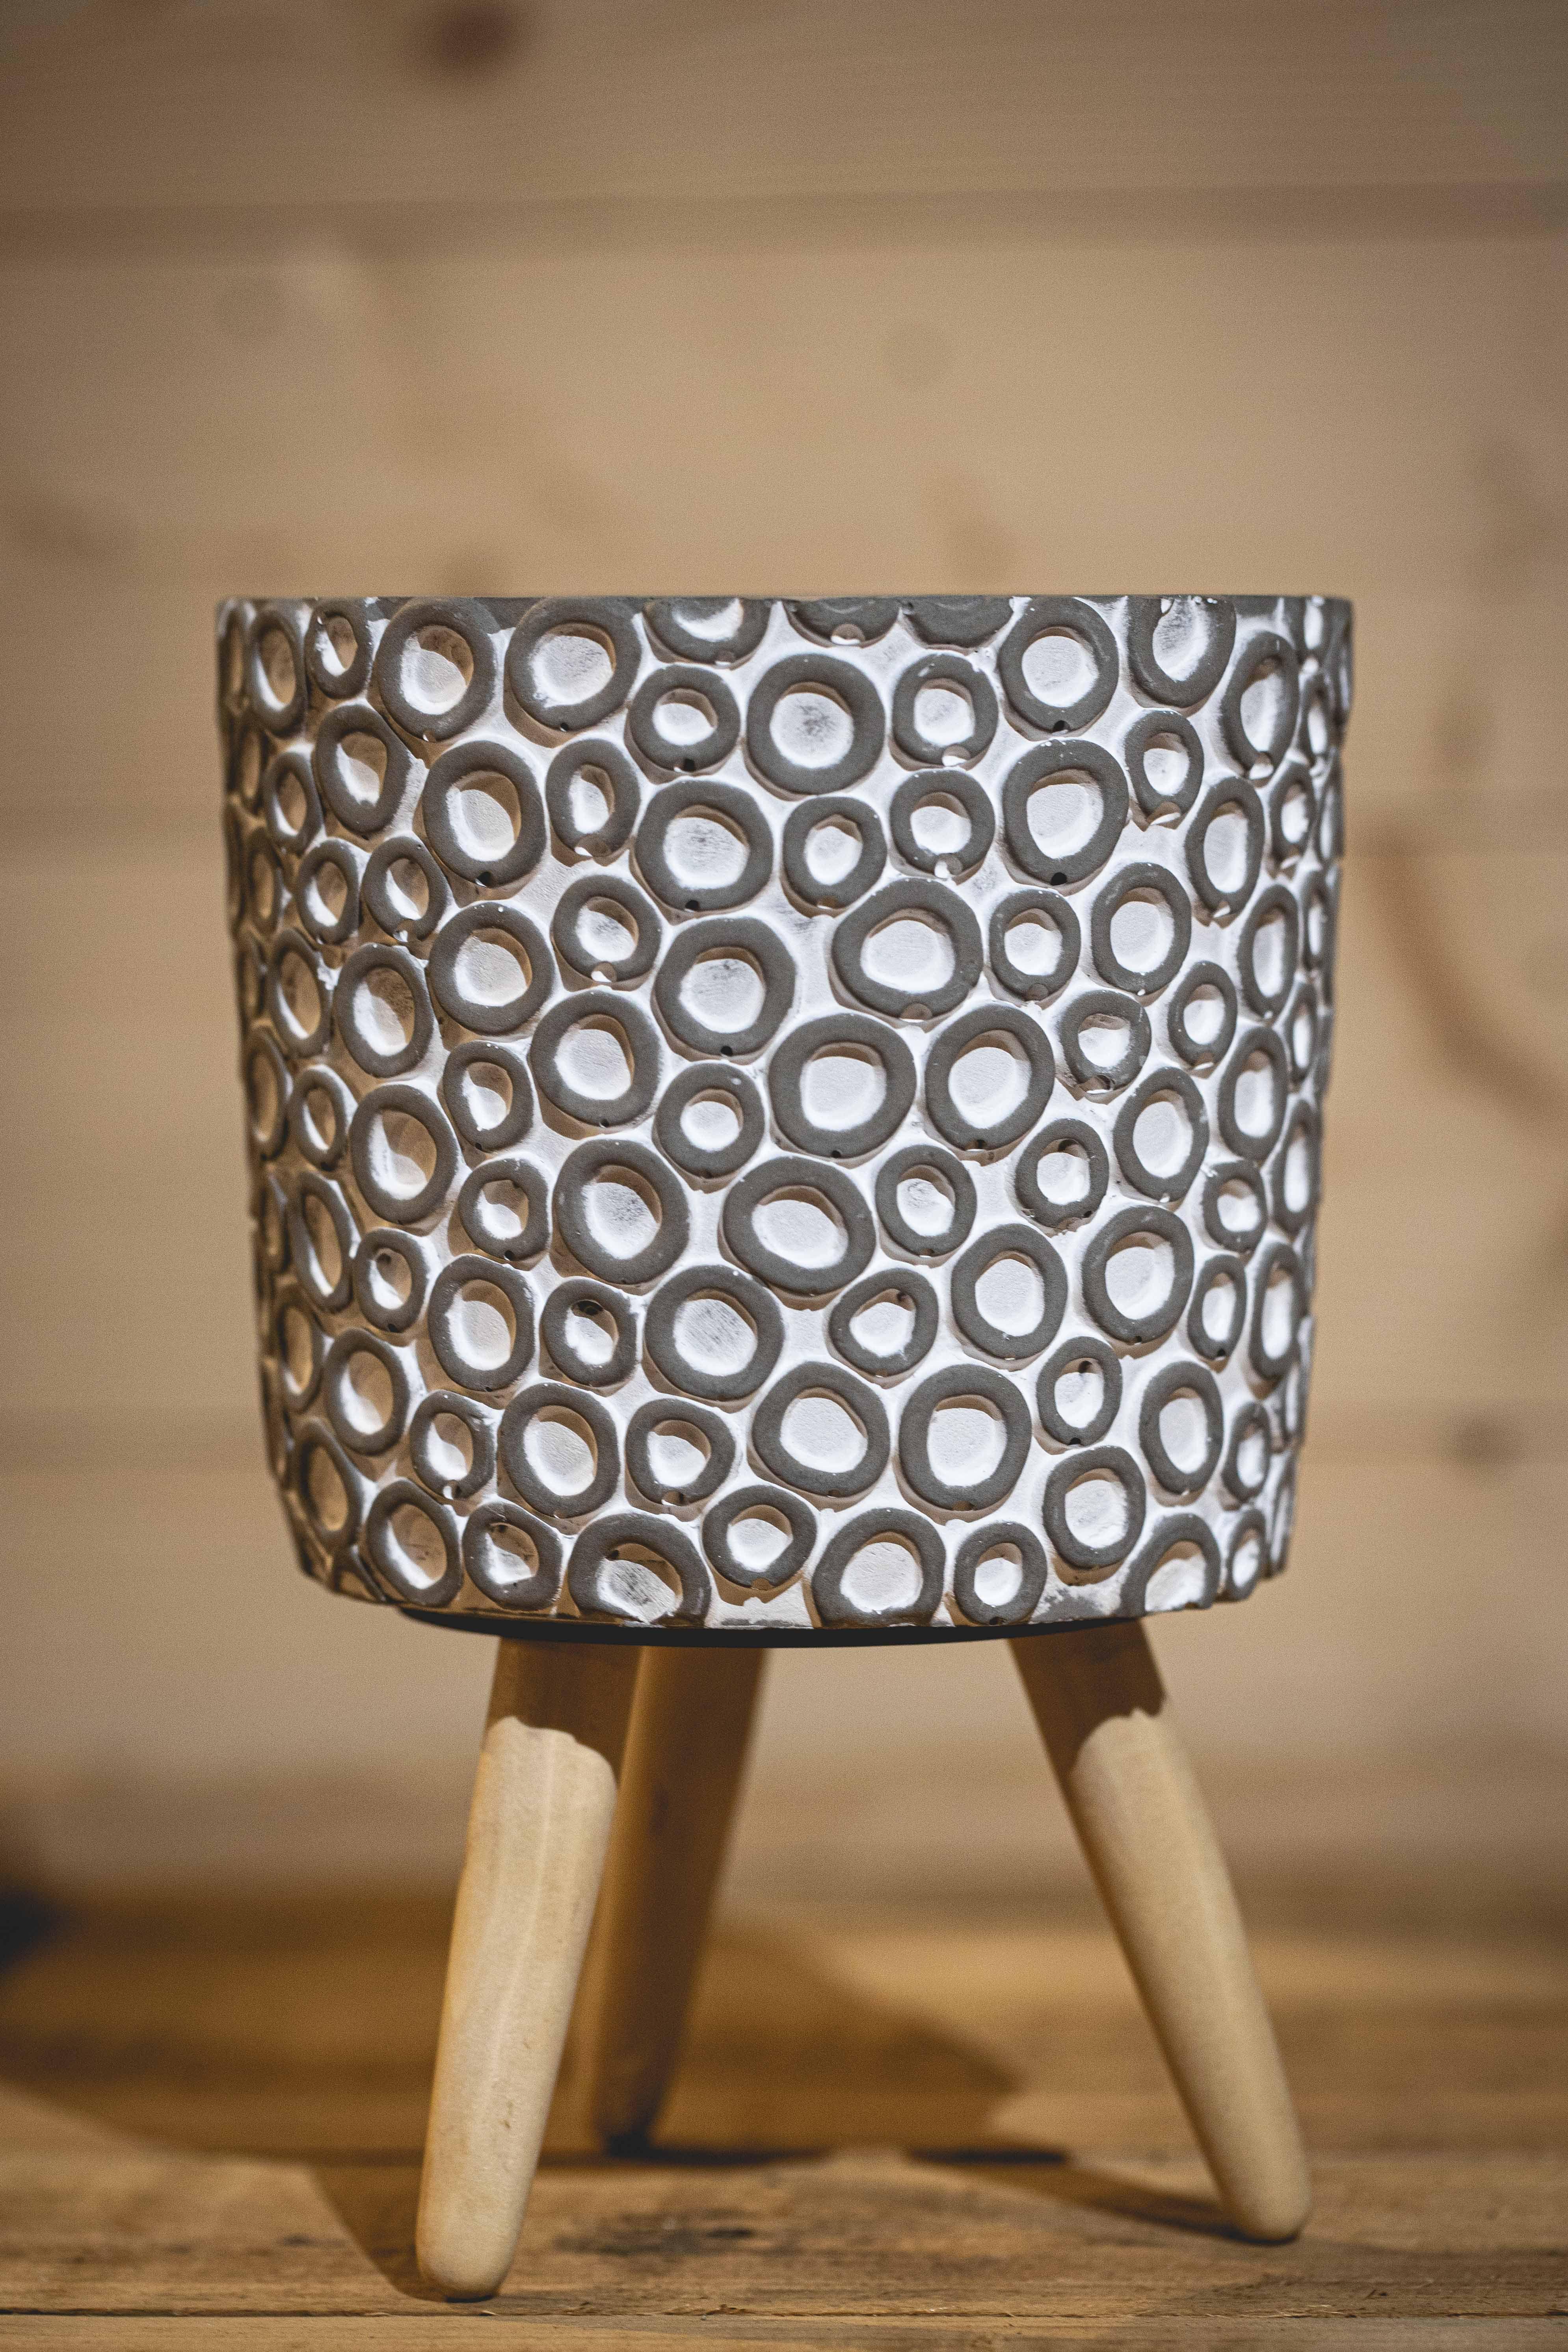 h.22 Ø14 cm Cement w.ring design w.wooden legs